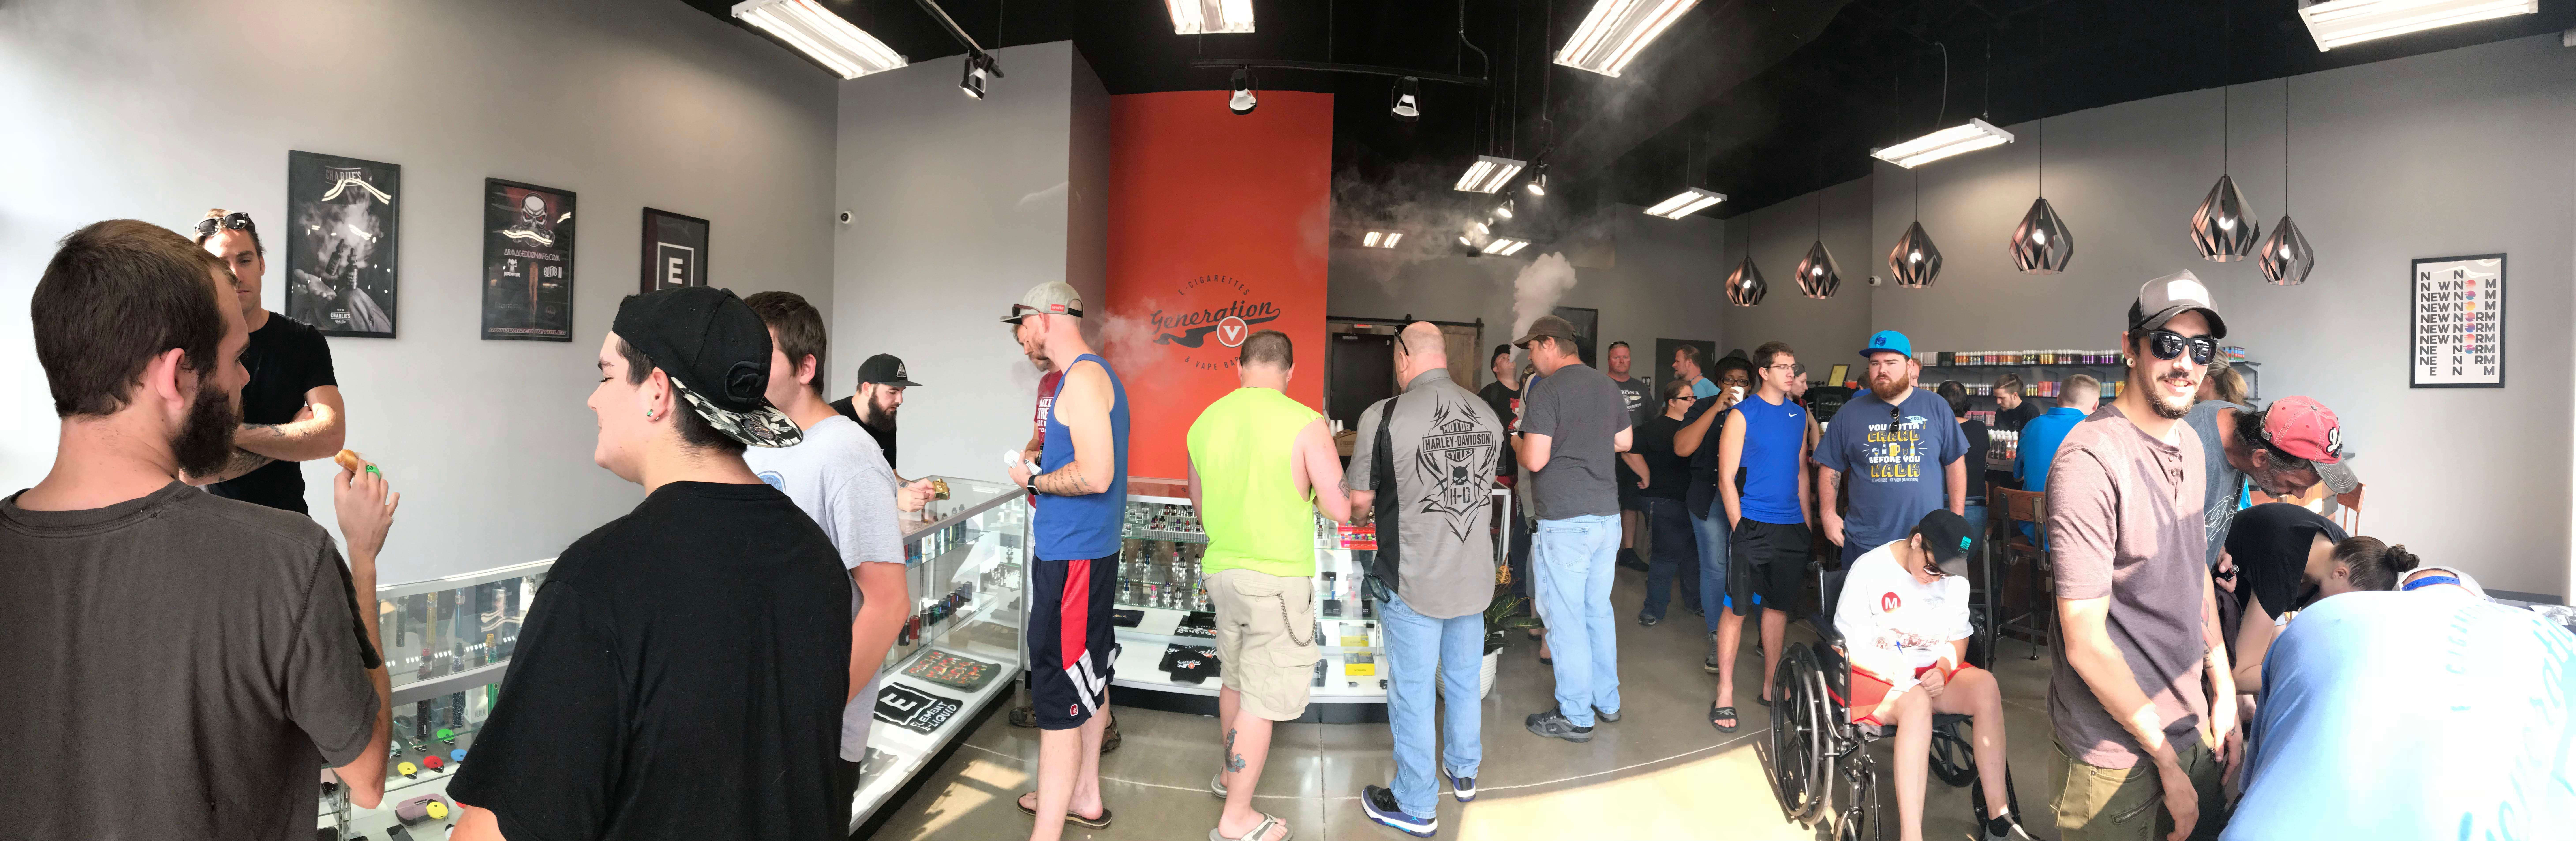 Generation V E-Cigarettes & Vape Bar | Vapor Shop image 4